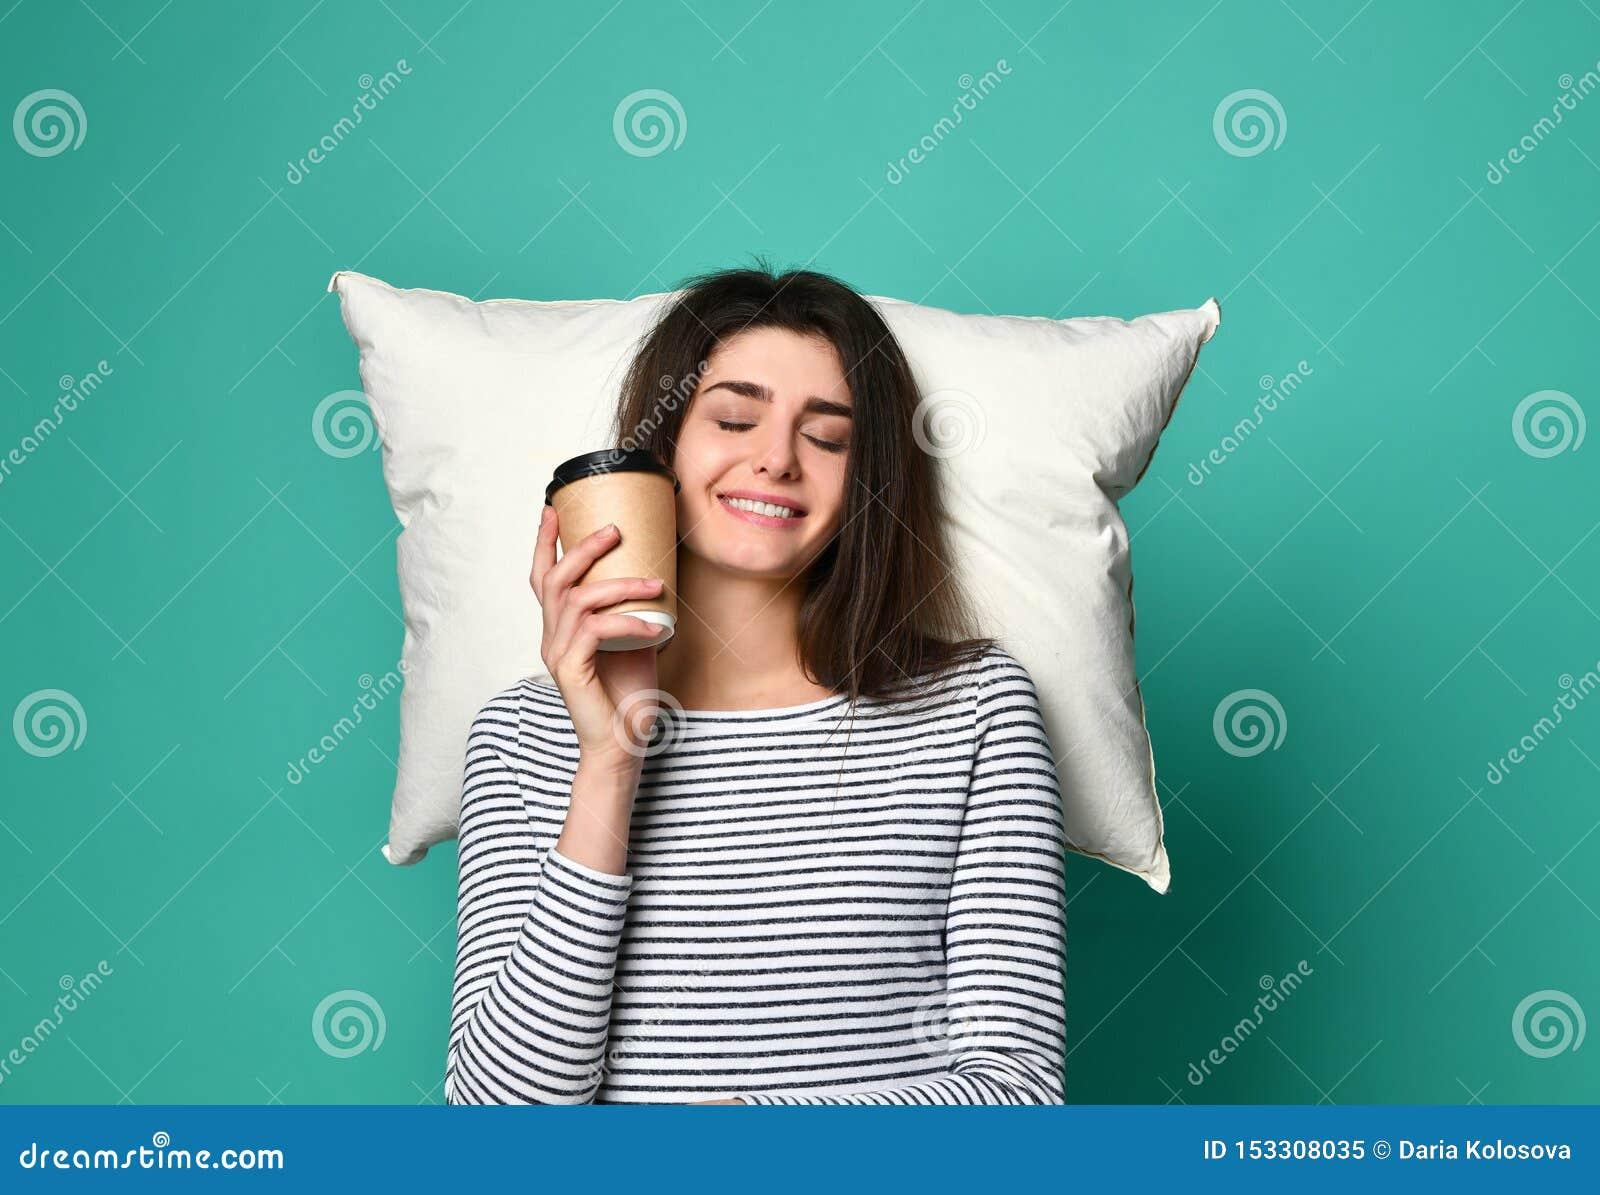 Mujer joven feliz con una taza de café o de té en sus manos, sueños en una almohada sobre cualquier cosa